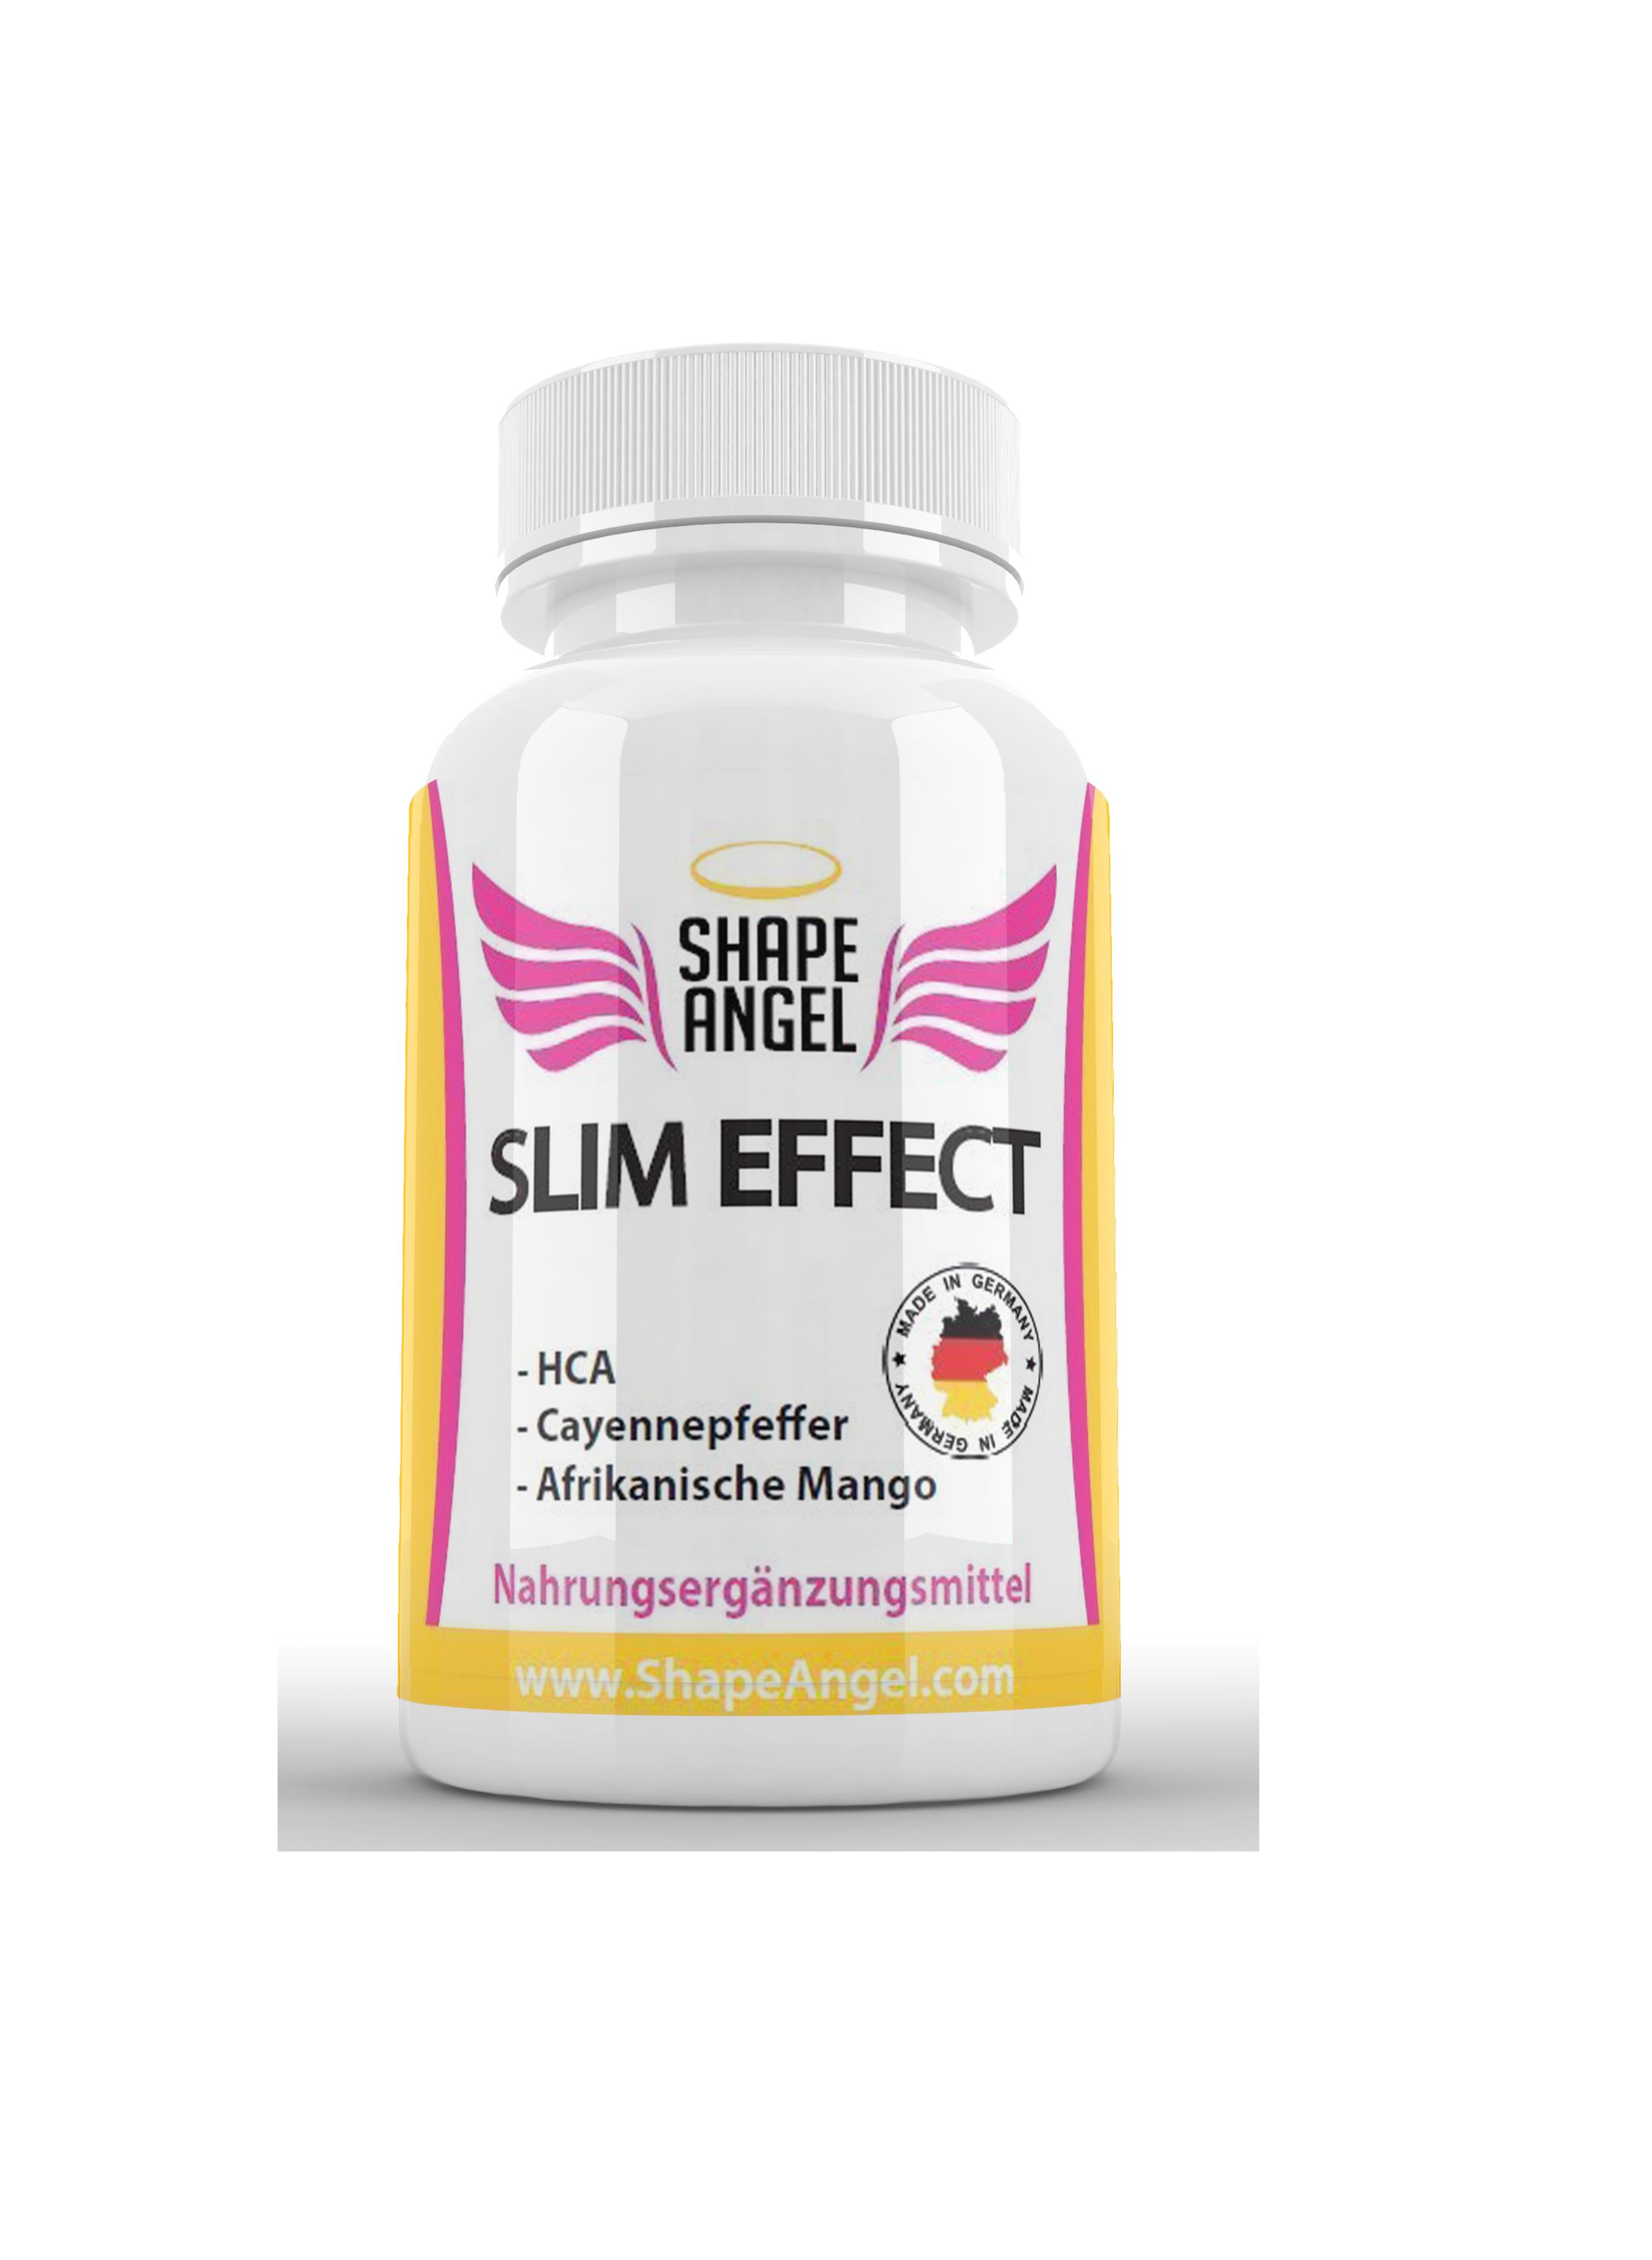 Slim Effect - Appetithemmer und Fatburner - Speziell für Frauen - BURNER - Appetit Control - HCA - Garcinia Cambogia - Afrikanische Mango - Cayennepfeffer - Ceylon Zimt - Ingwer - Guarana - Grüner Tee - Vitamin